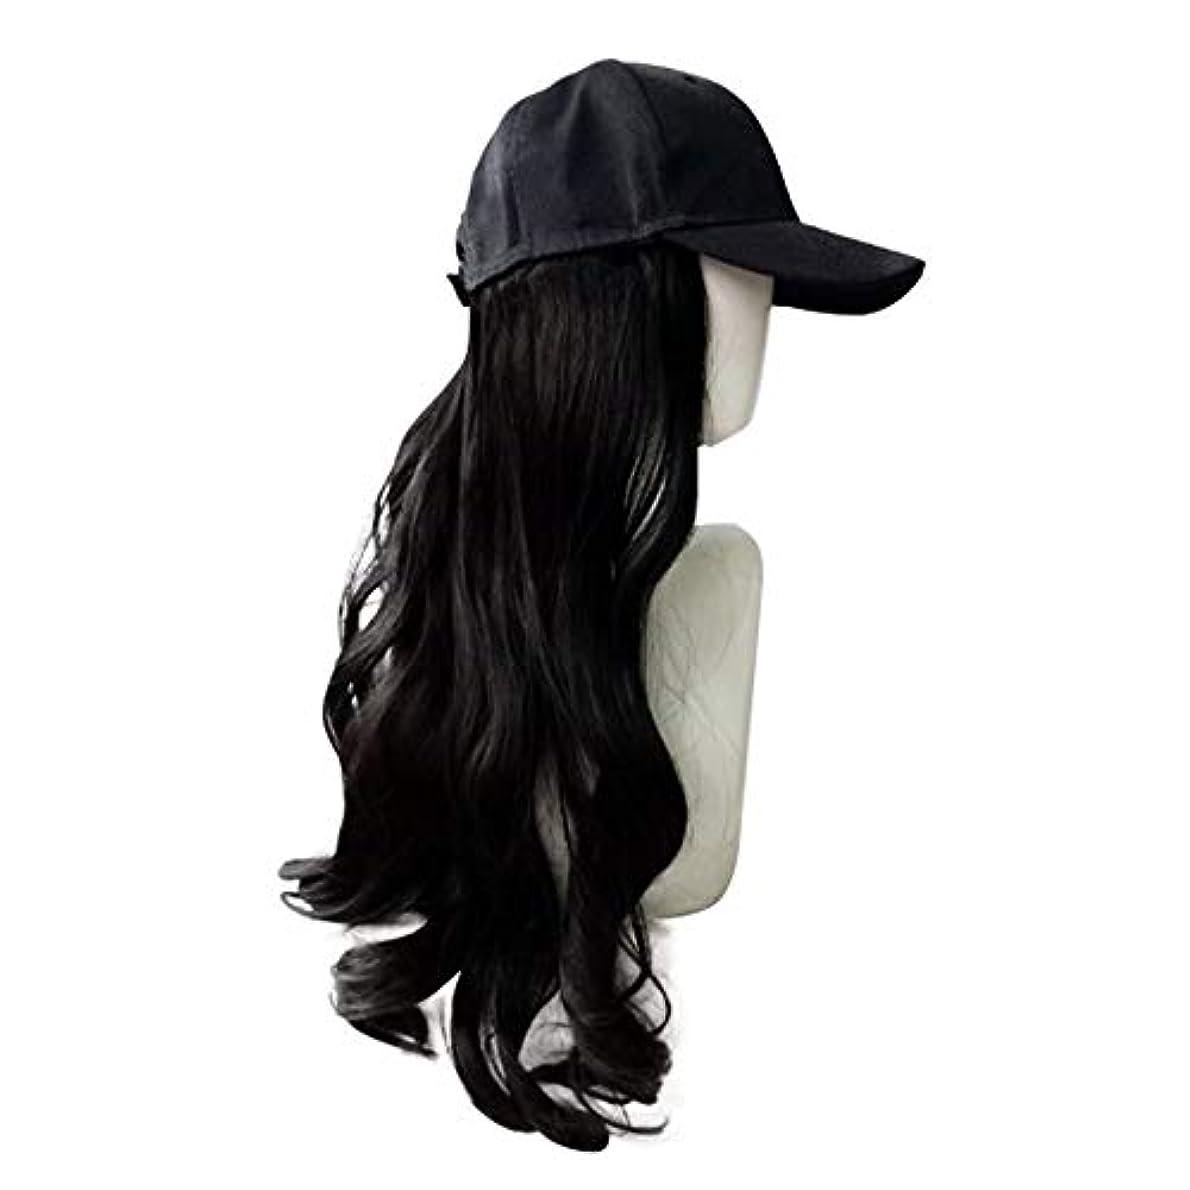 責める思いやり砂の長い黒のかつら、帽子かつらシンプルなかつらファッションかつらキャップ自然なかつら女性の耐熱性のための長い波状の合成かつら